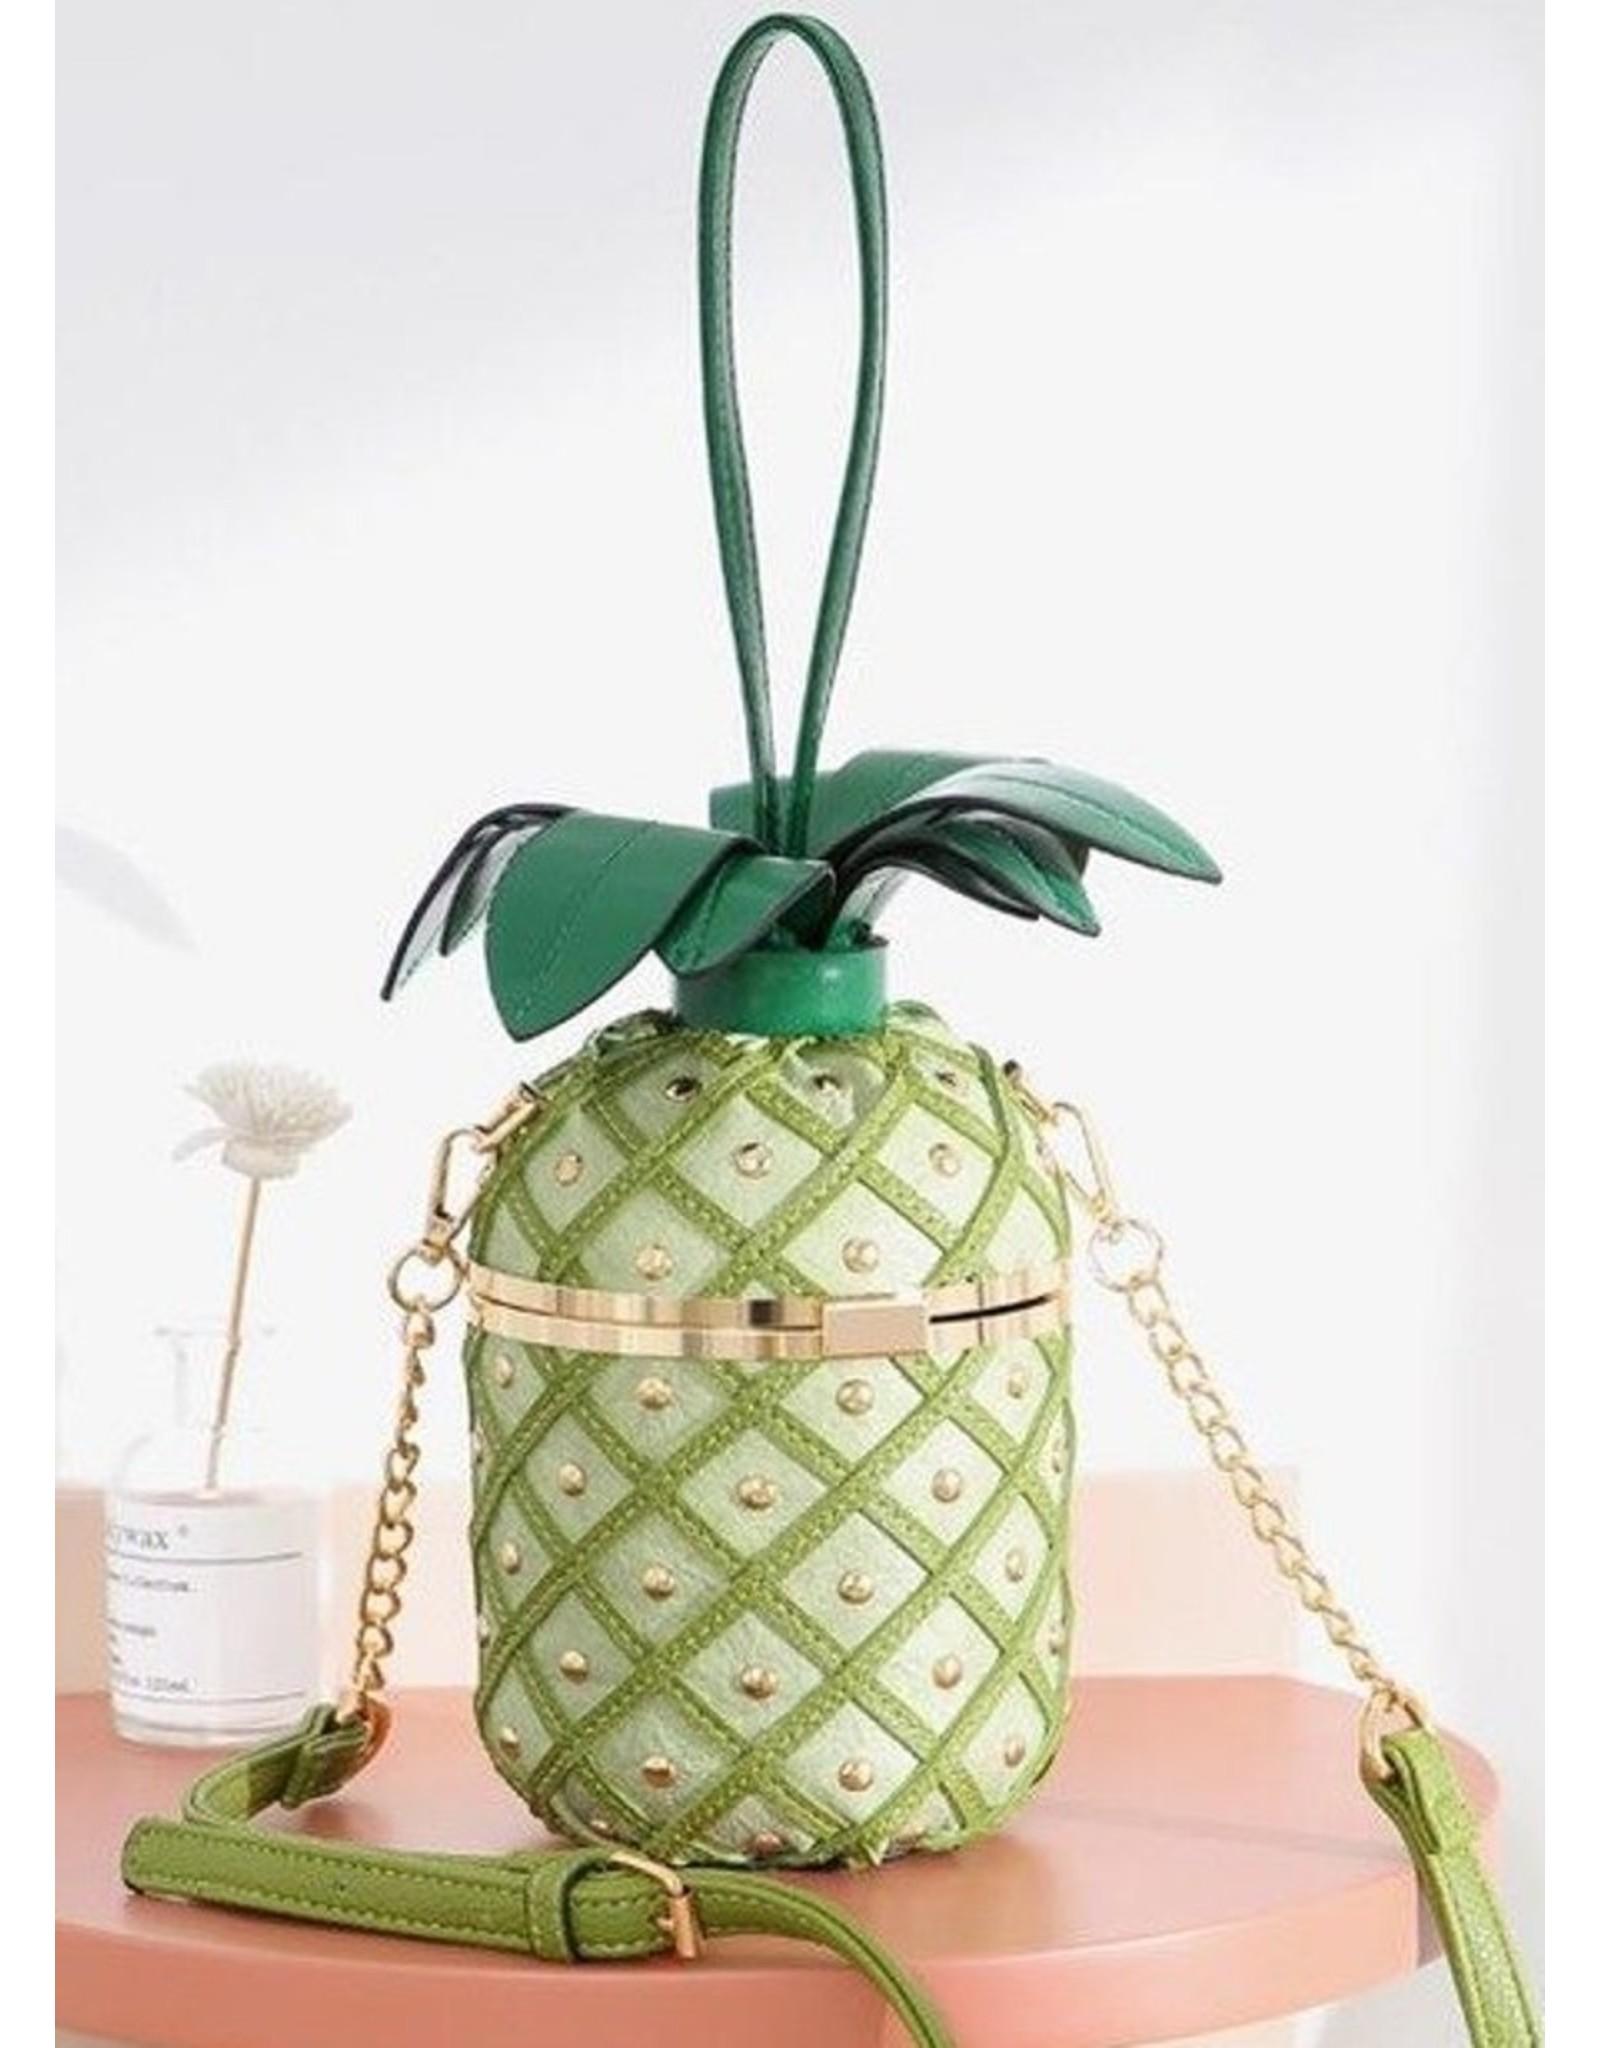 Magic Bags Fantasy bags - Fantasy bag Pineapple Green